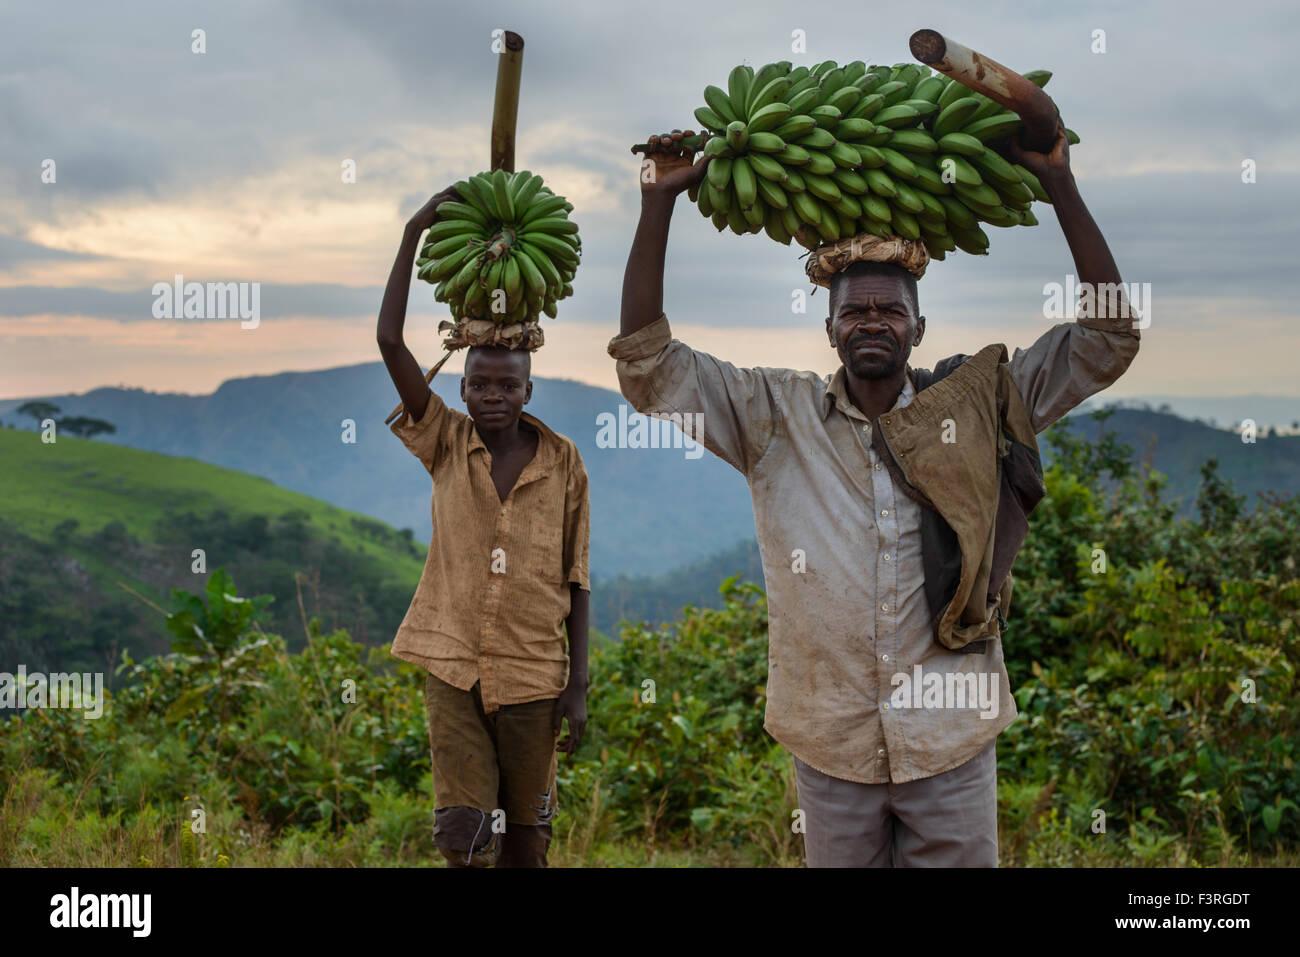 Banana pickers, Burundi, Africa - Stock Image